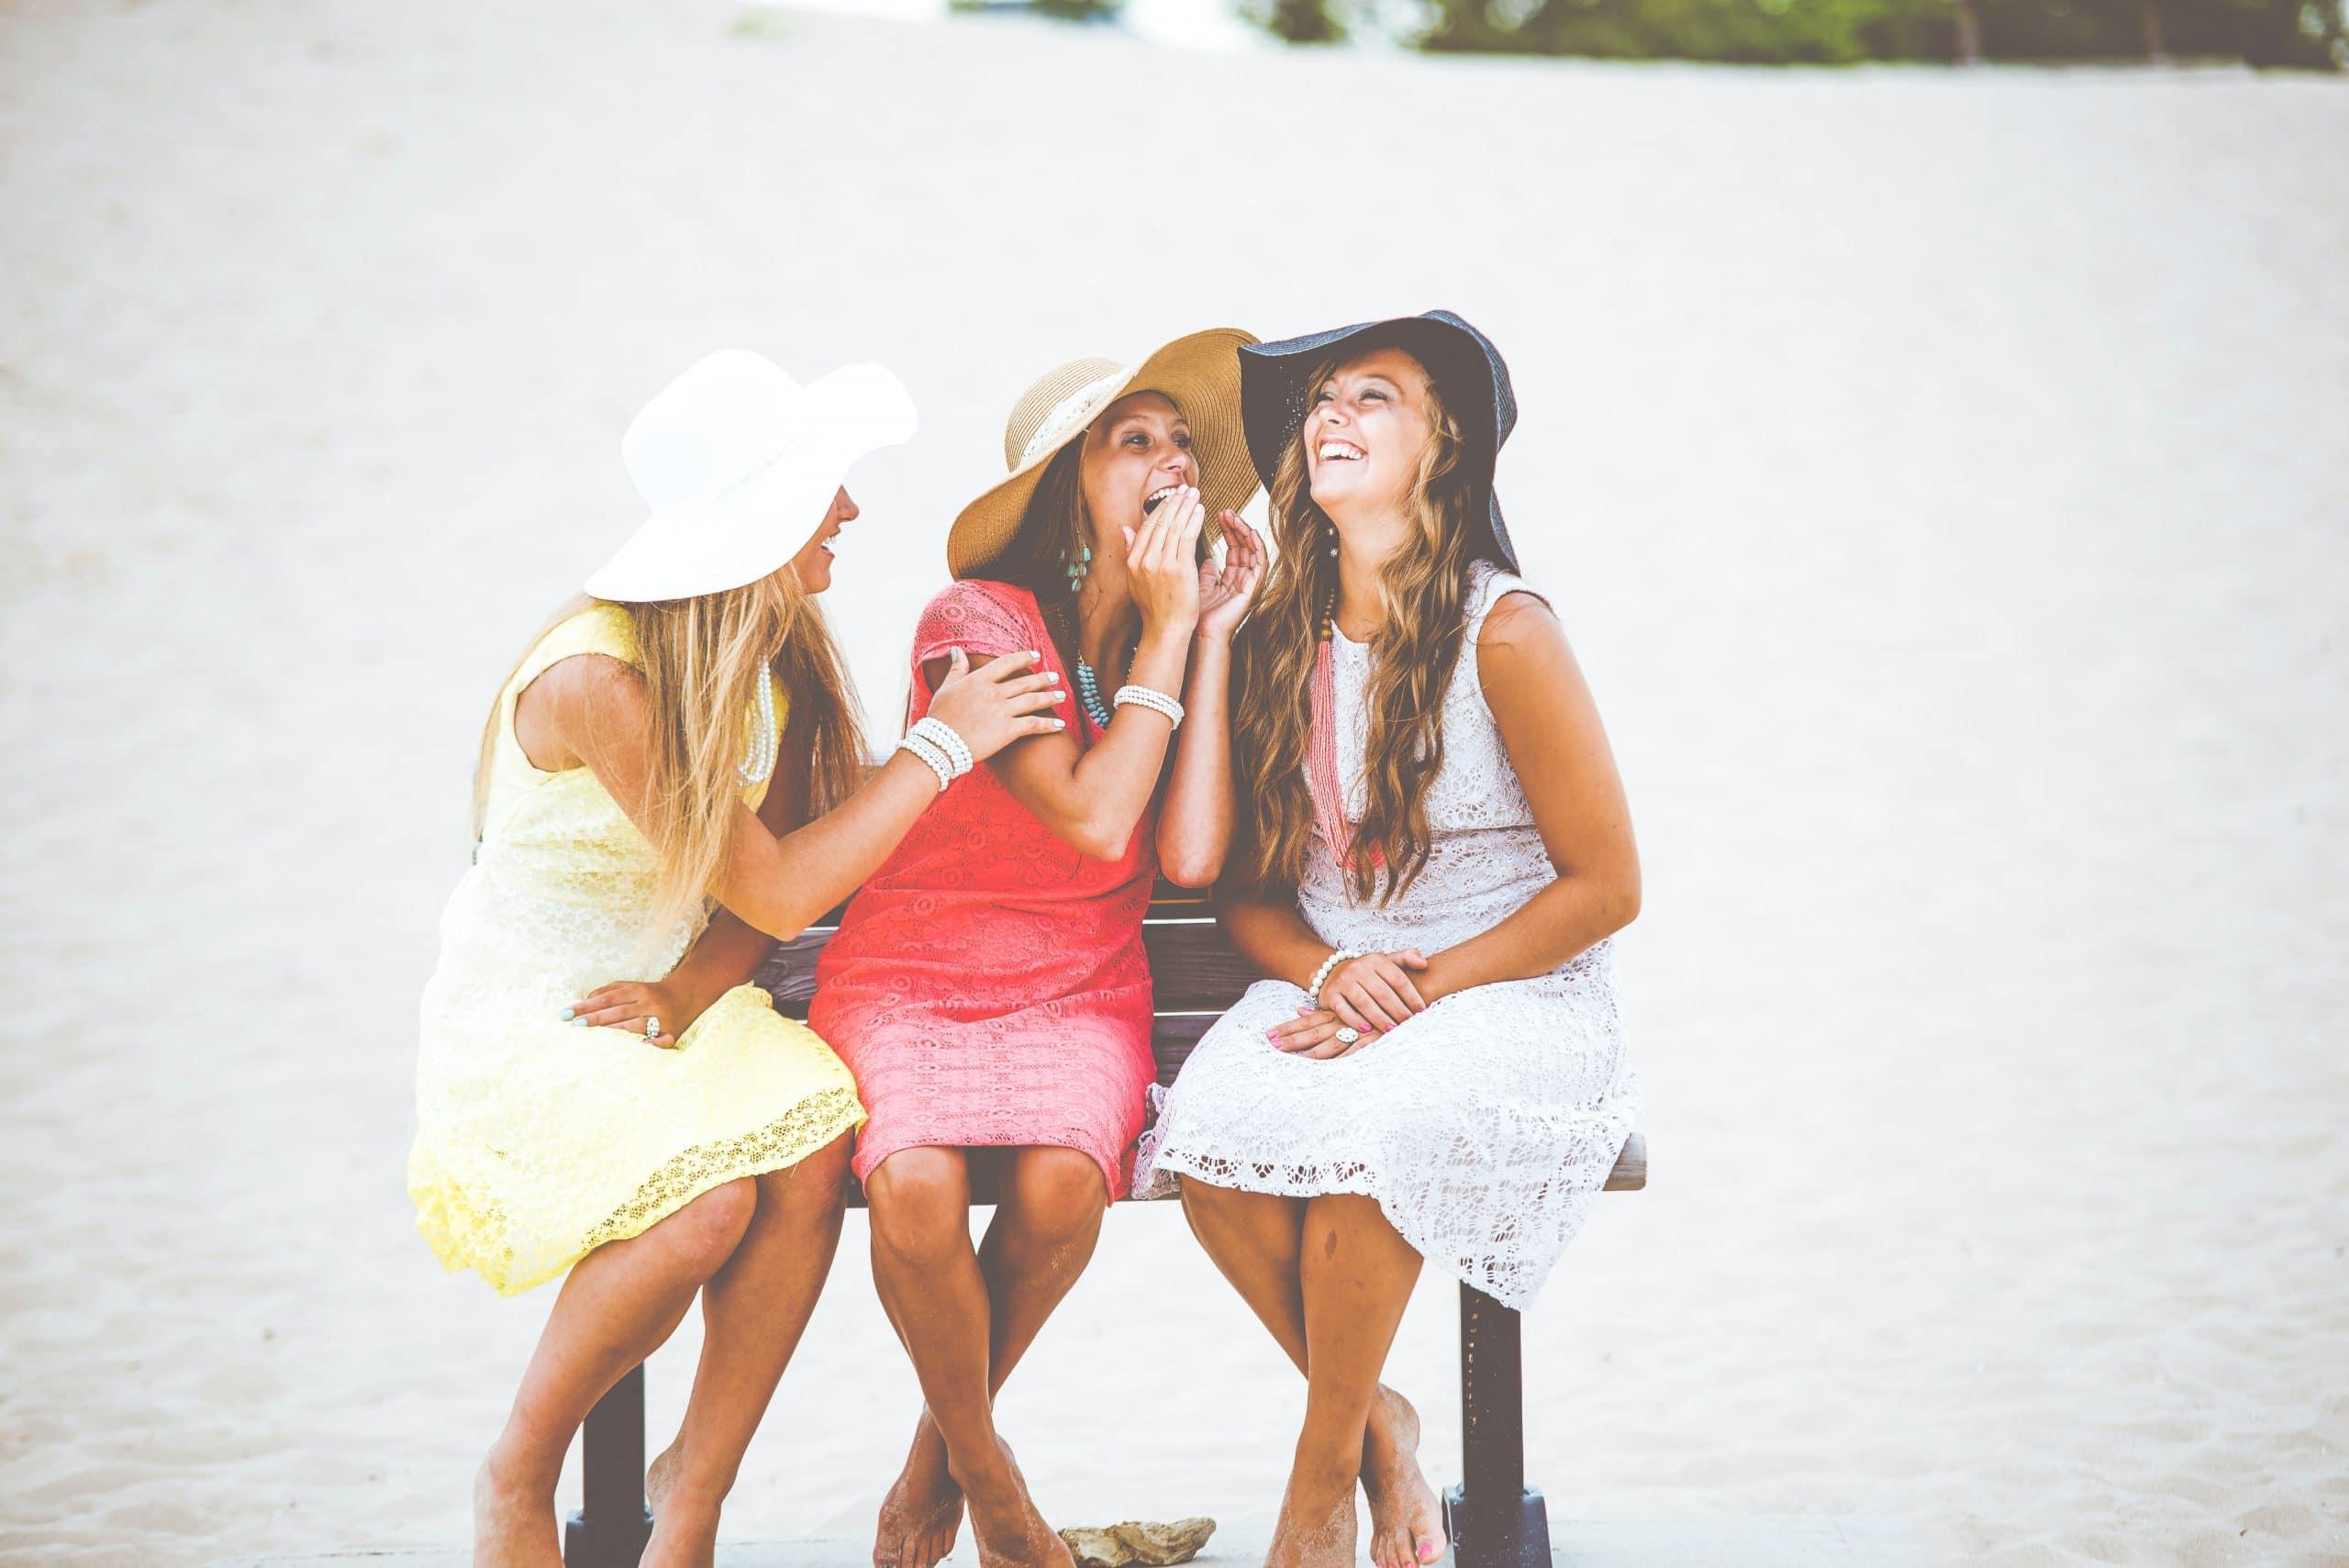 chicas felices por aprender idiomas en sus viajes